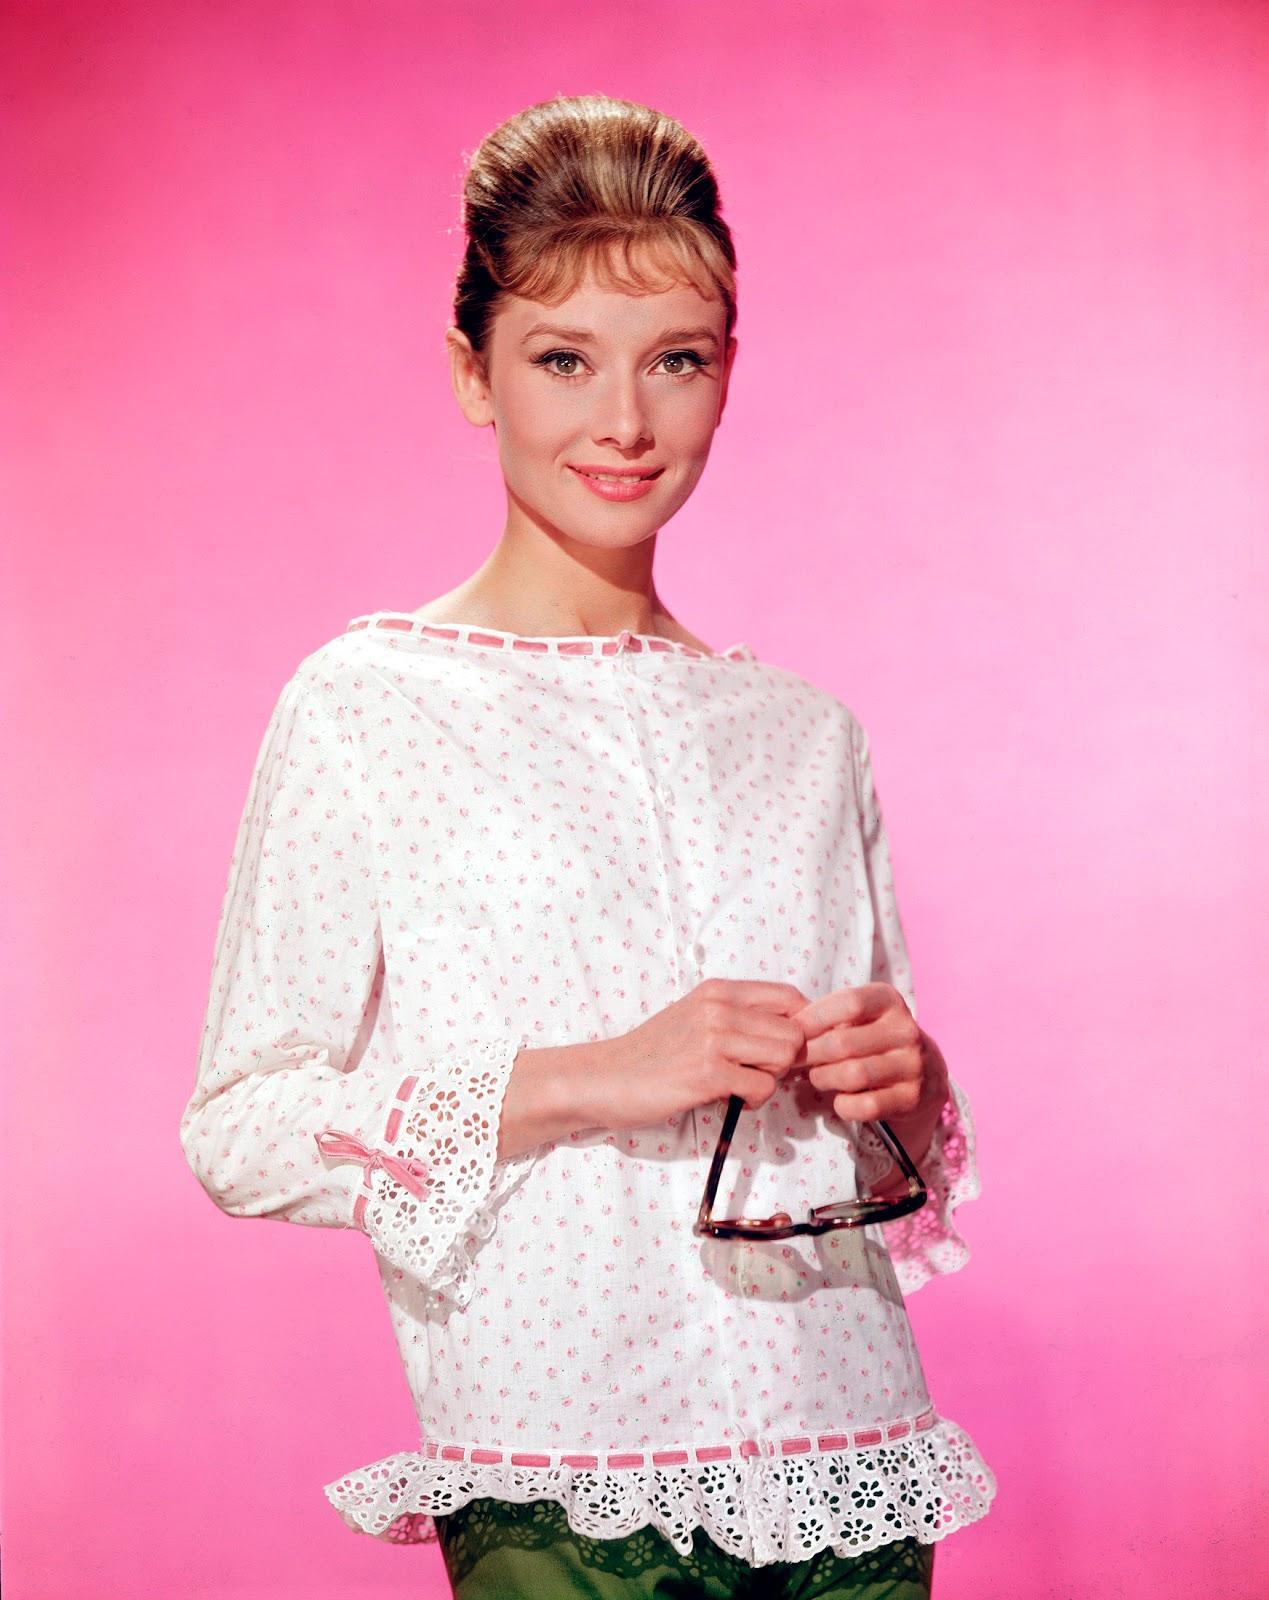 Top Star Movies: Audrey Hepburn